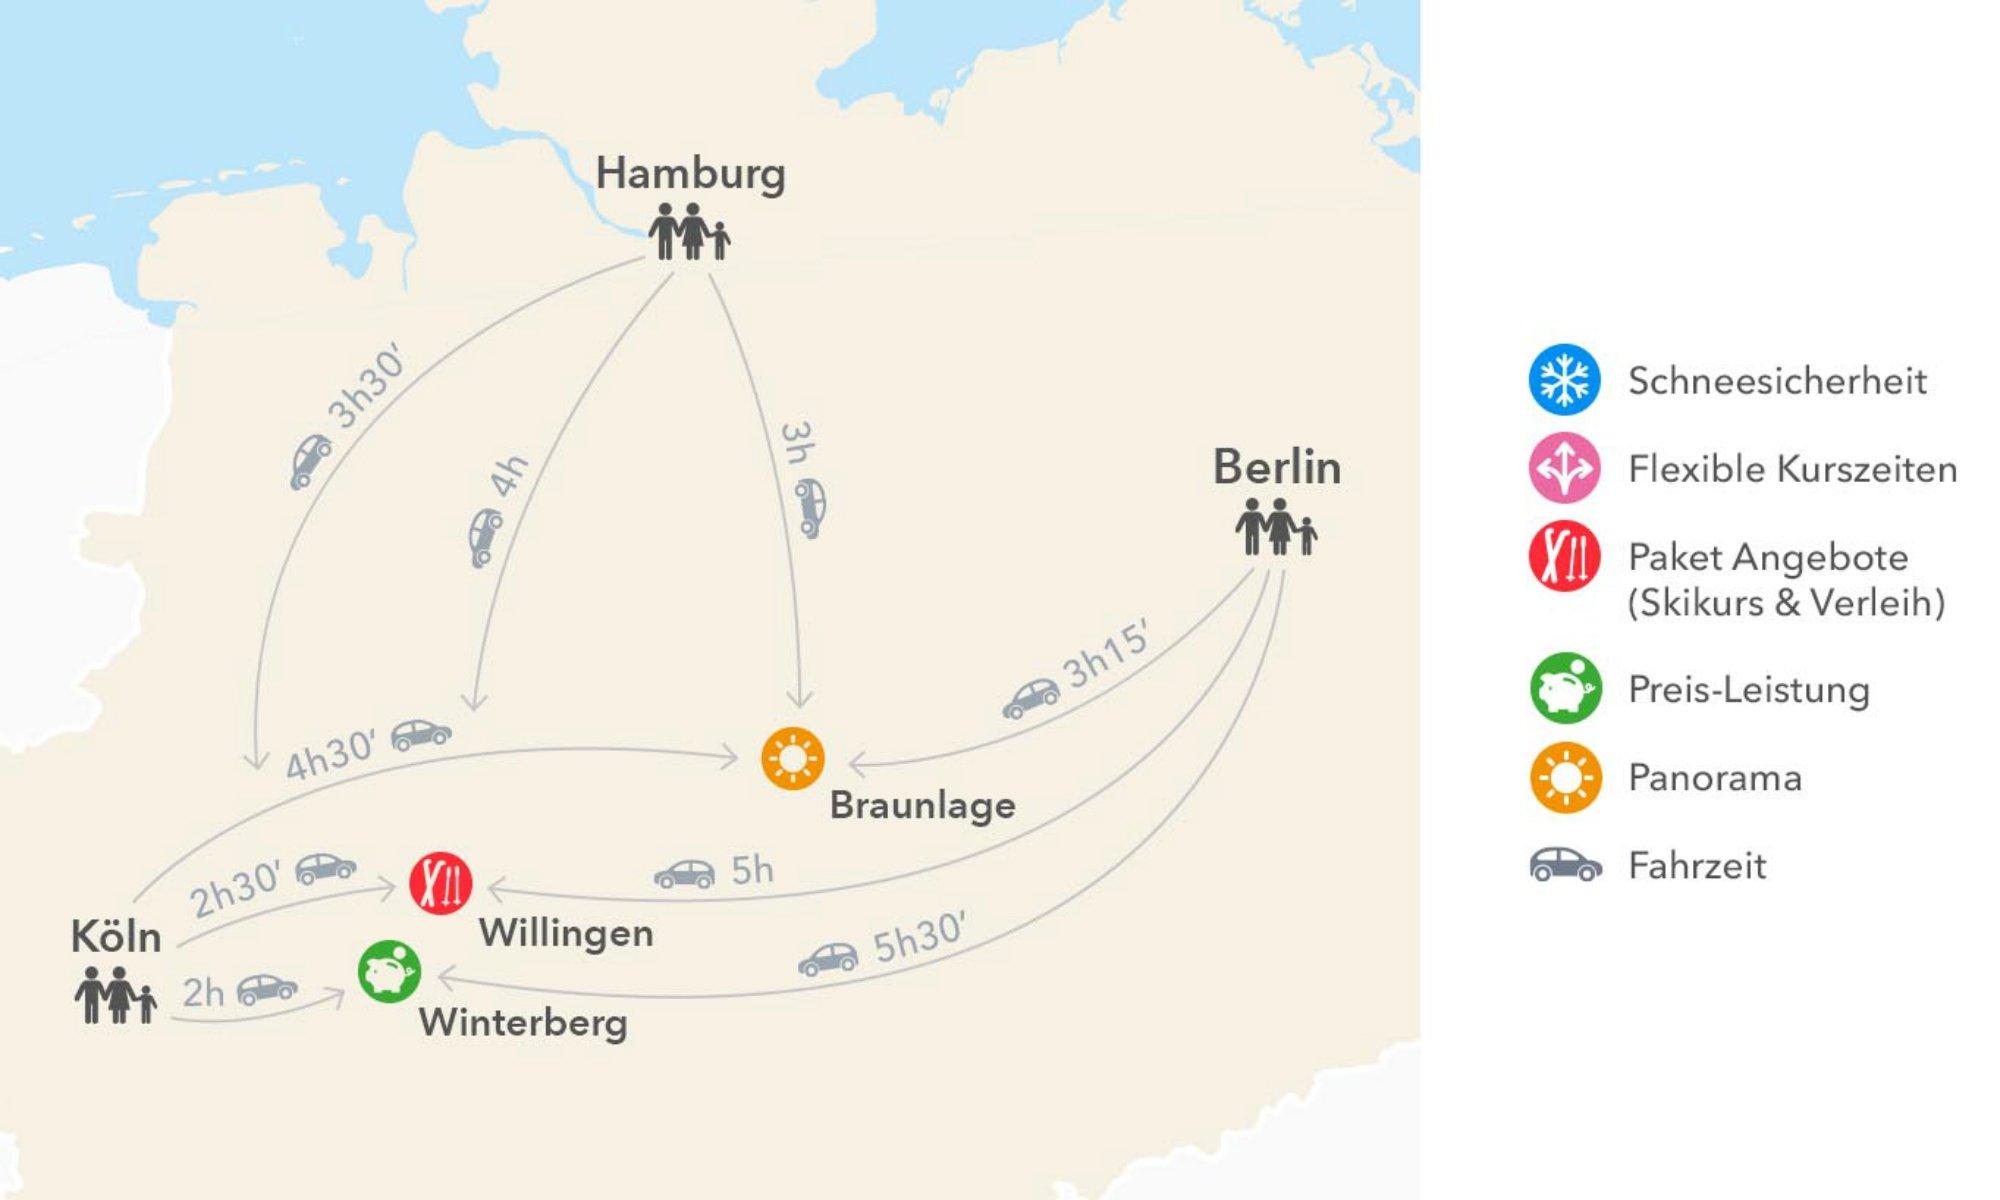 Grafik über die Fahrtzeiten zwischen Köln, Hamburg und Berlin und den Skigebieten Braunlage, Willingen und Winterberg.